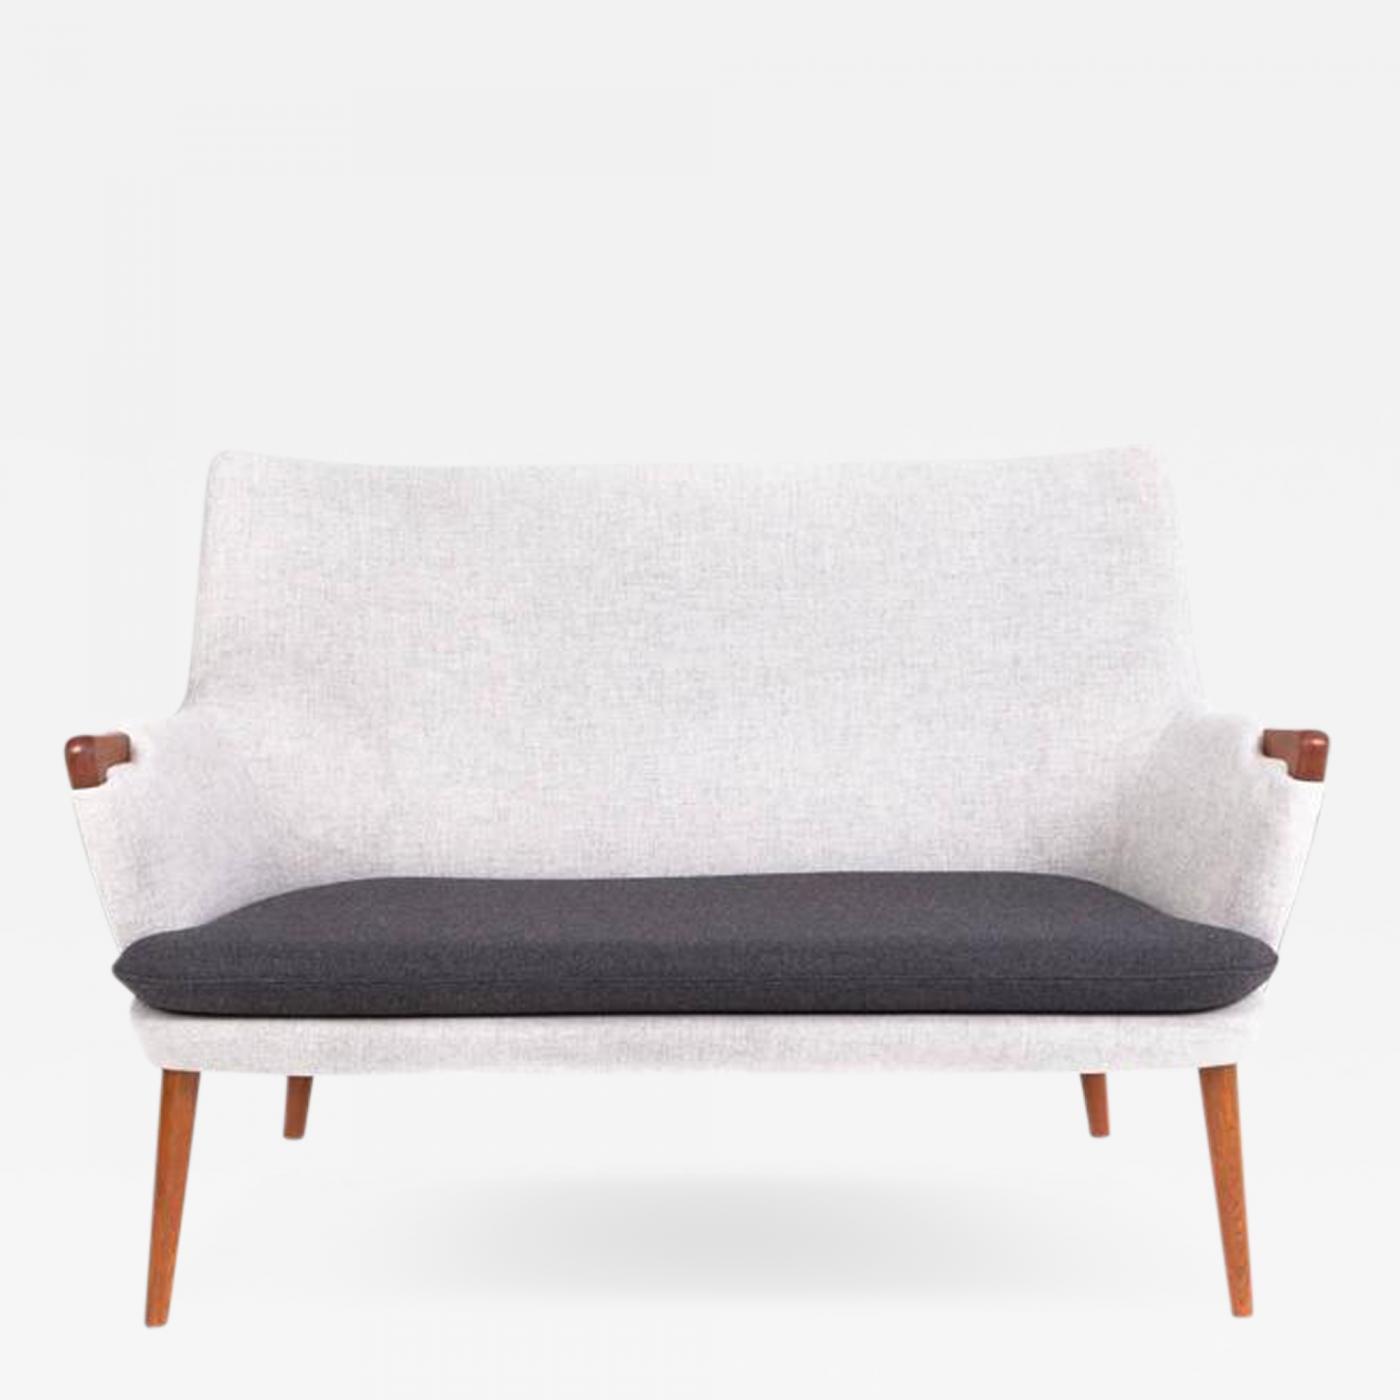 Hans J Wegner Hans J Wegner Two Seater Sofa Model Ap 20